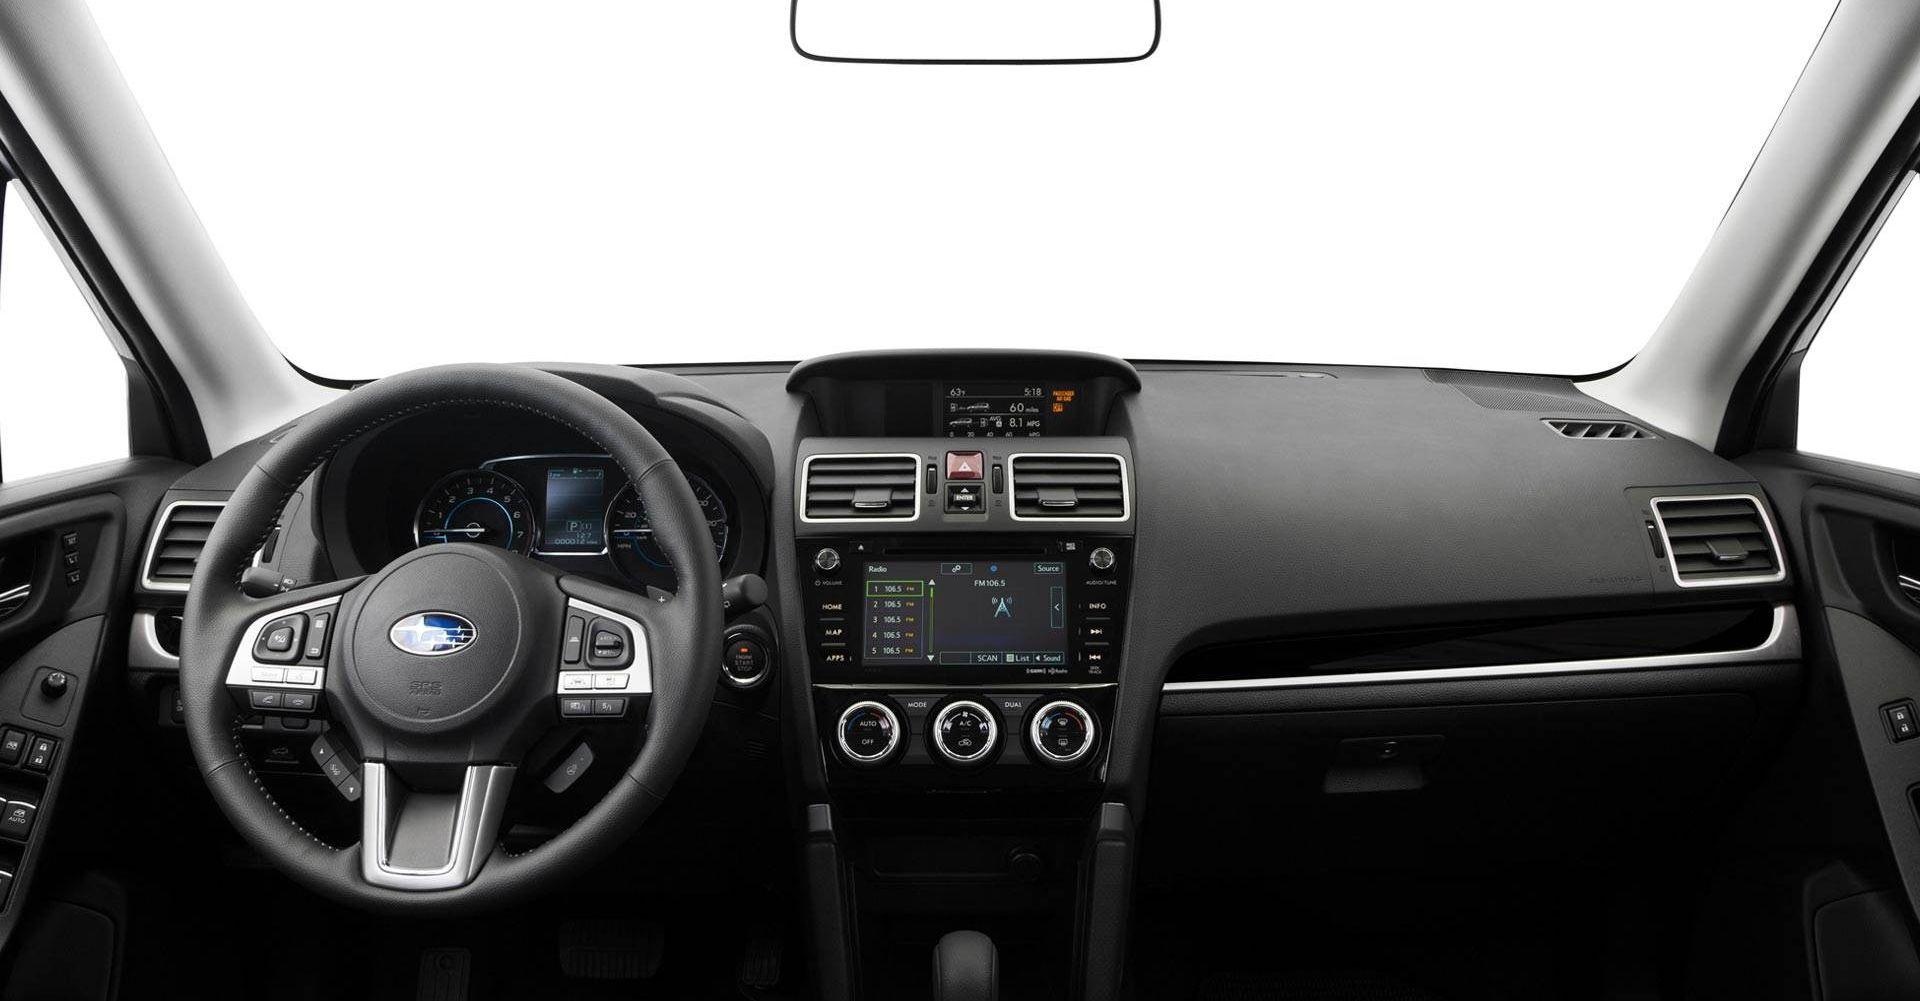 2018 Subaru Forester Financing near Albany NY RC Lacy